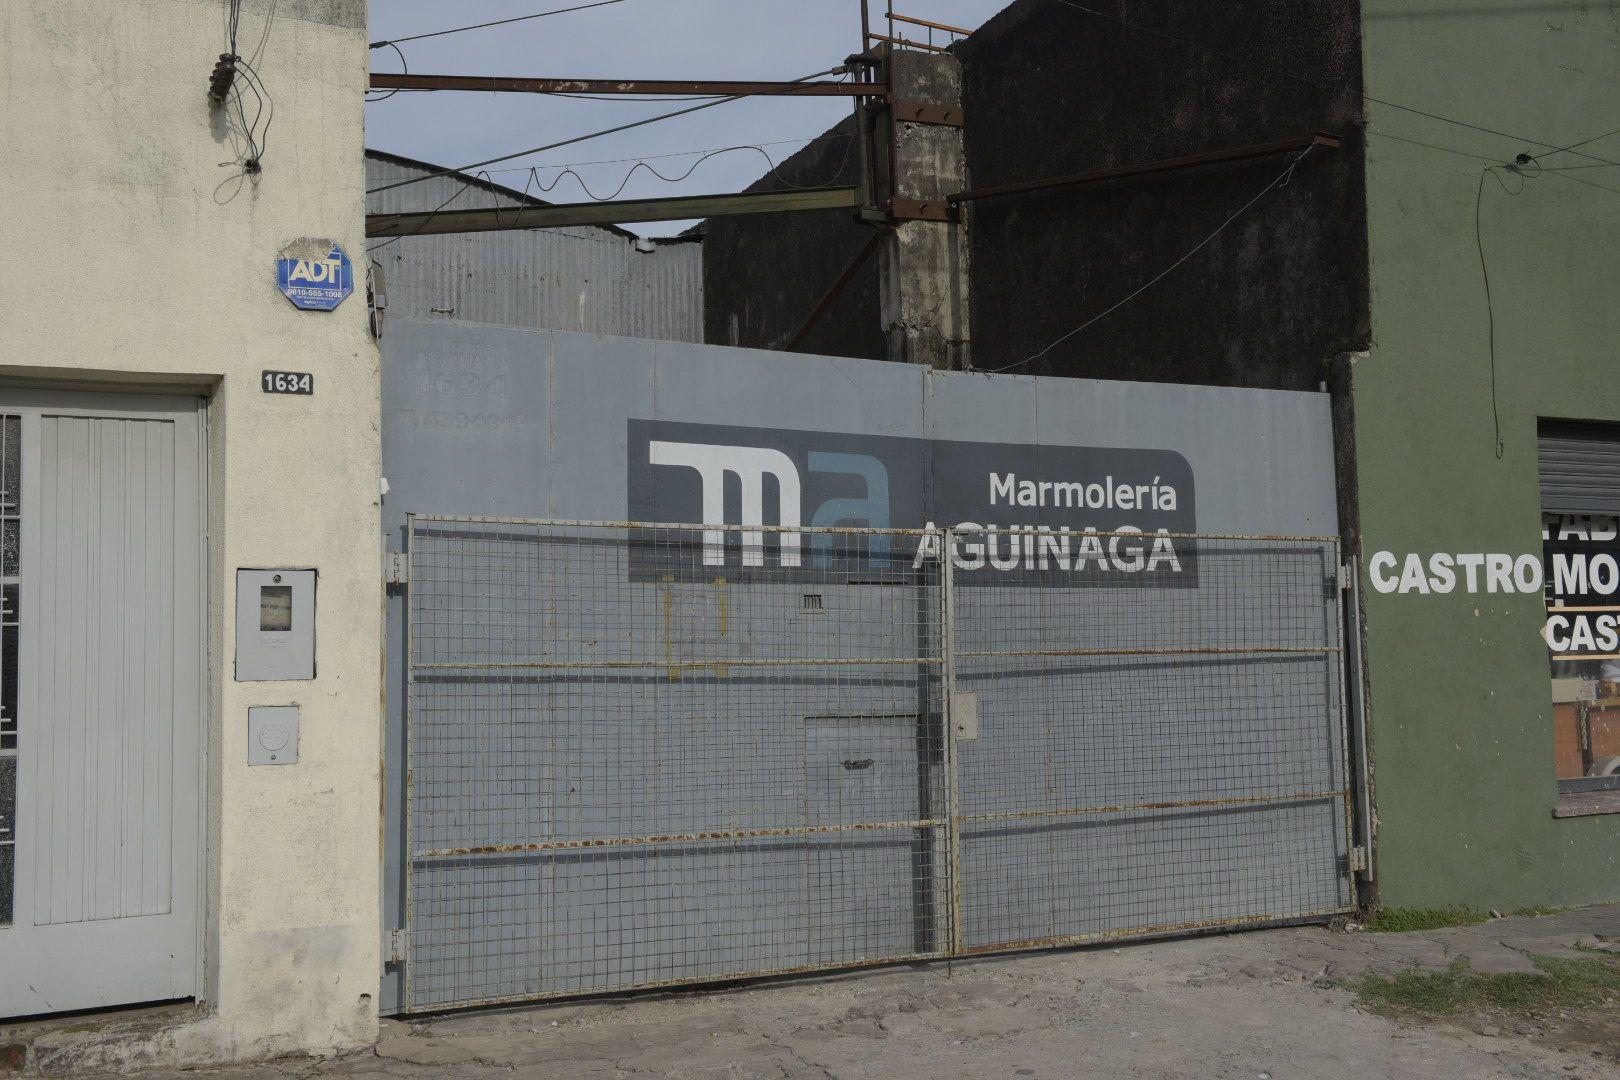 La marmolería ubicada en la zona oeste de Rosario